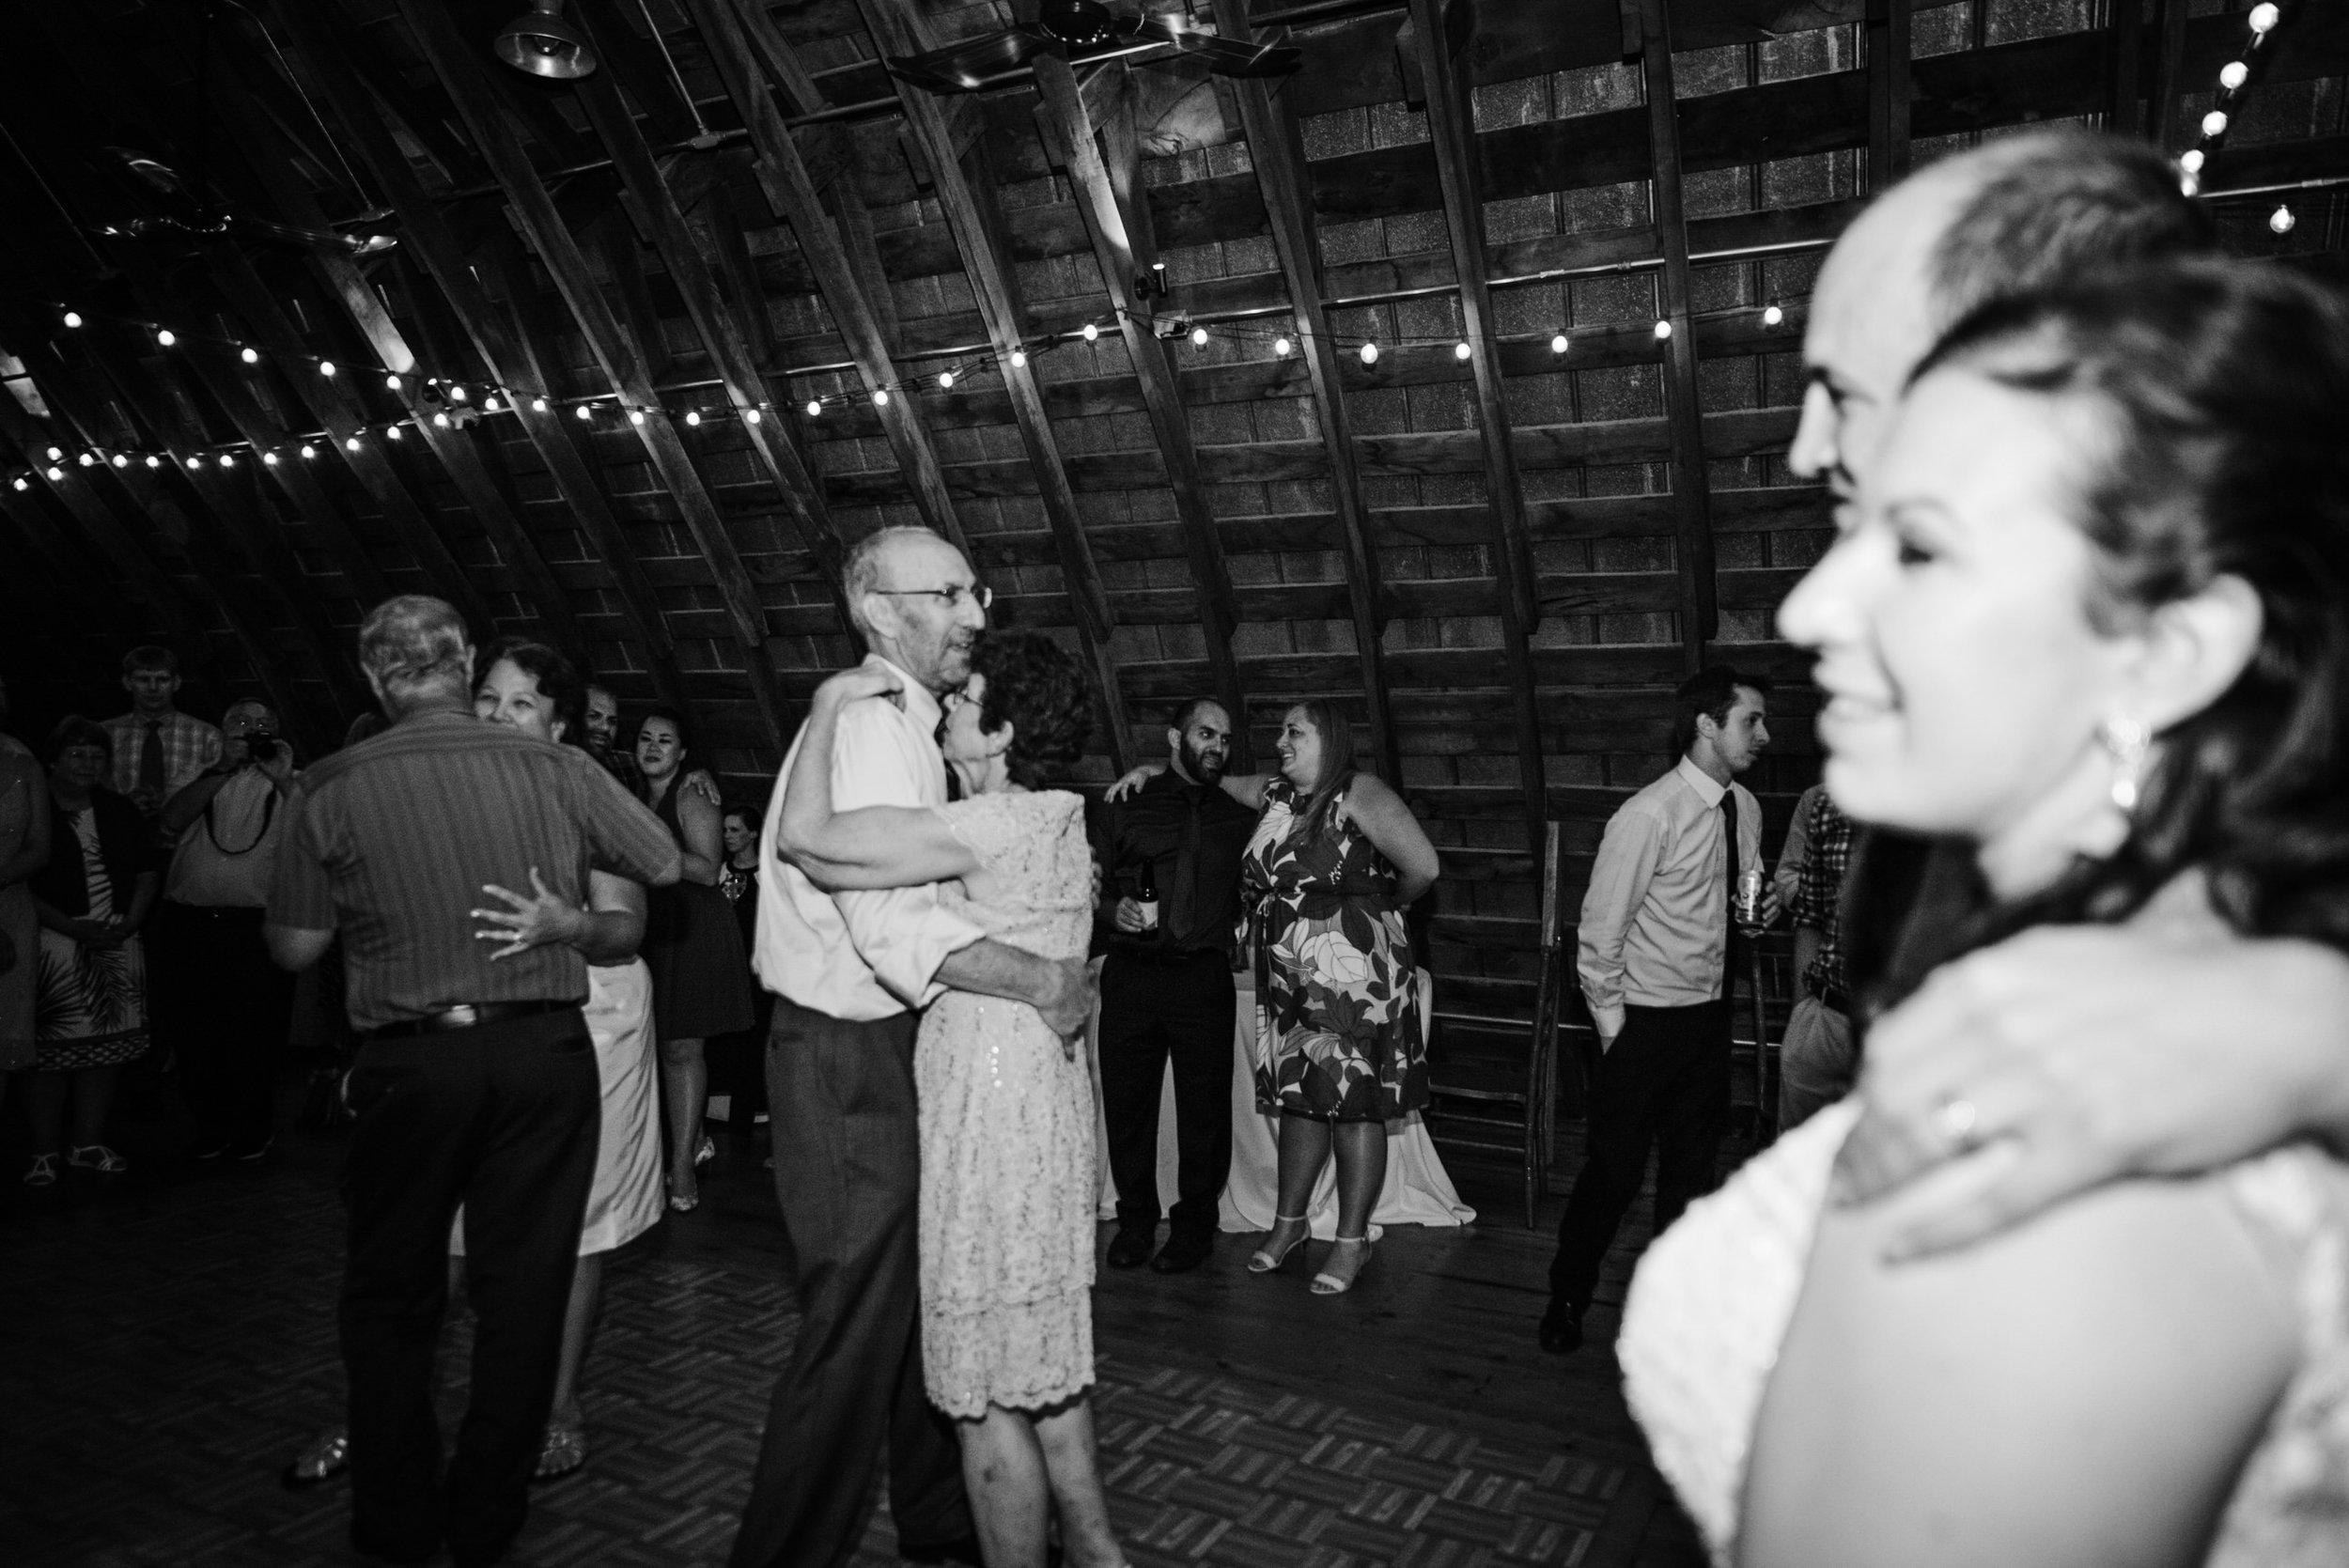 EastLynnFarmWedding-Stephanie&Aaron-Reception-318.jpg